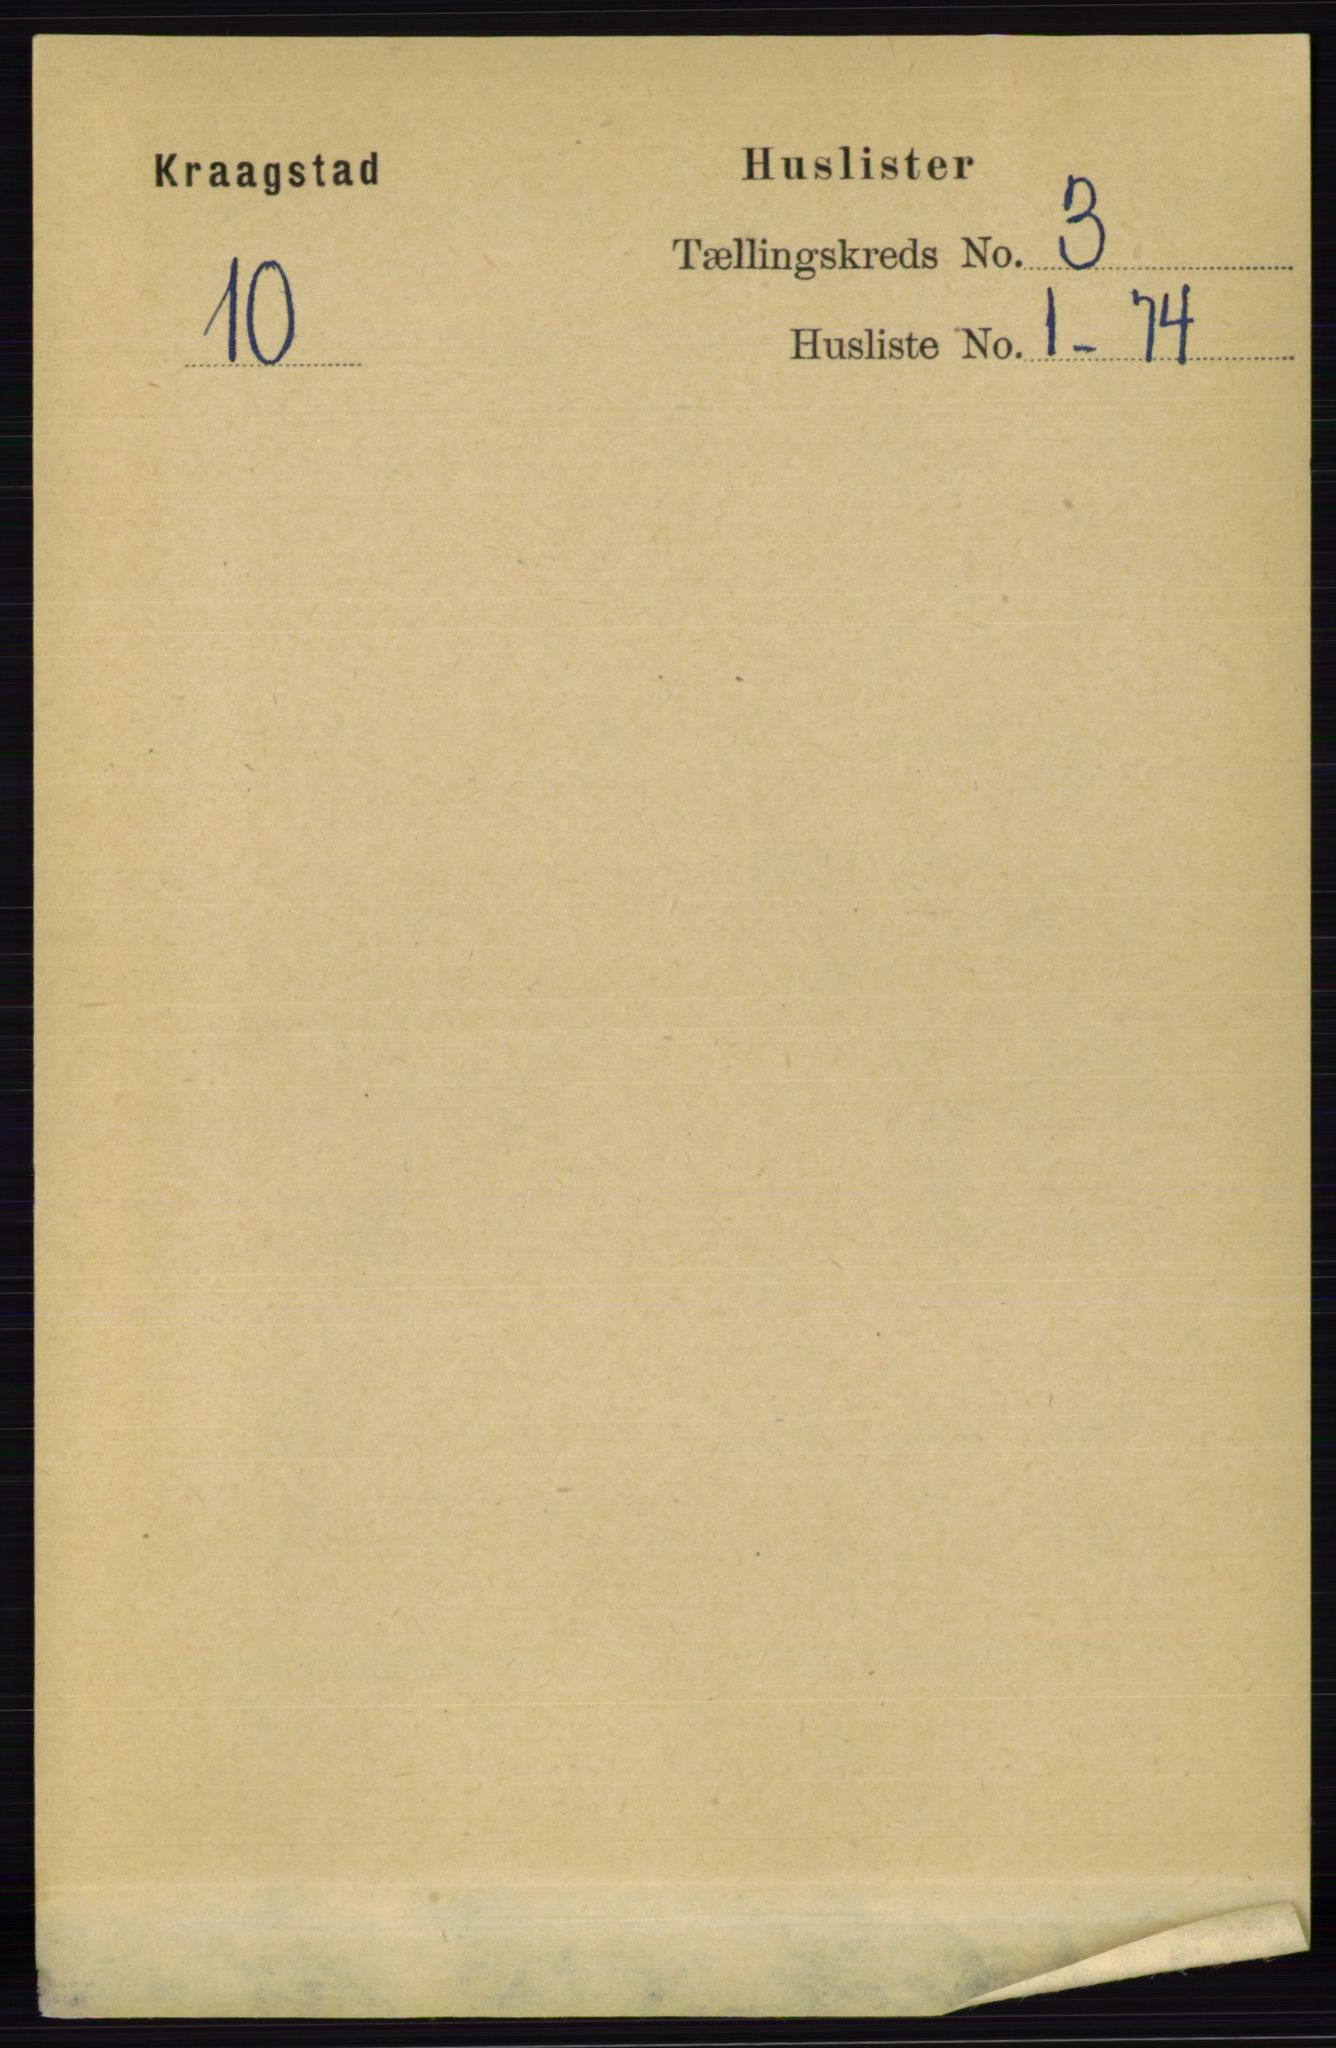 RA, Folketelling 1891 for 0212 Kråkstad herred, 1891, s. 1114